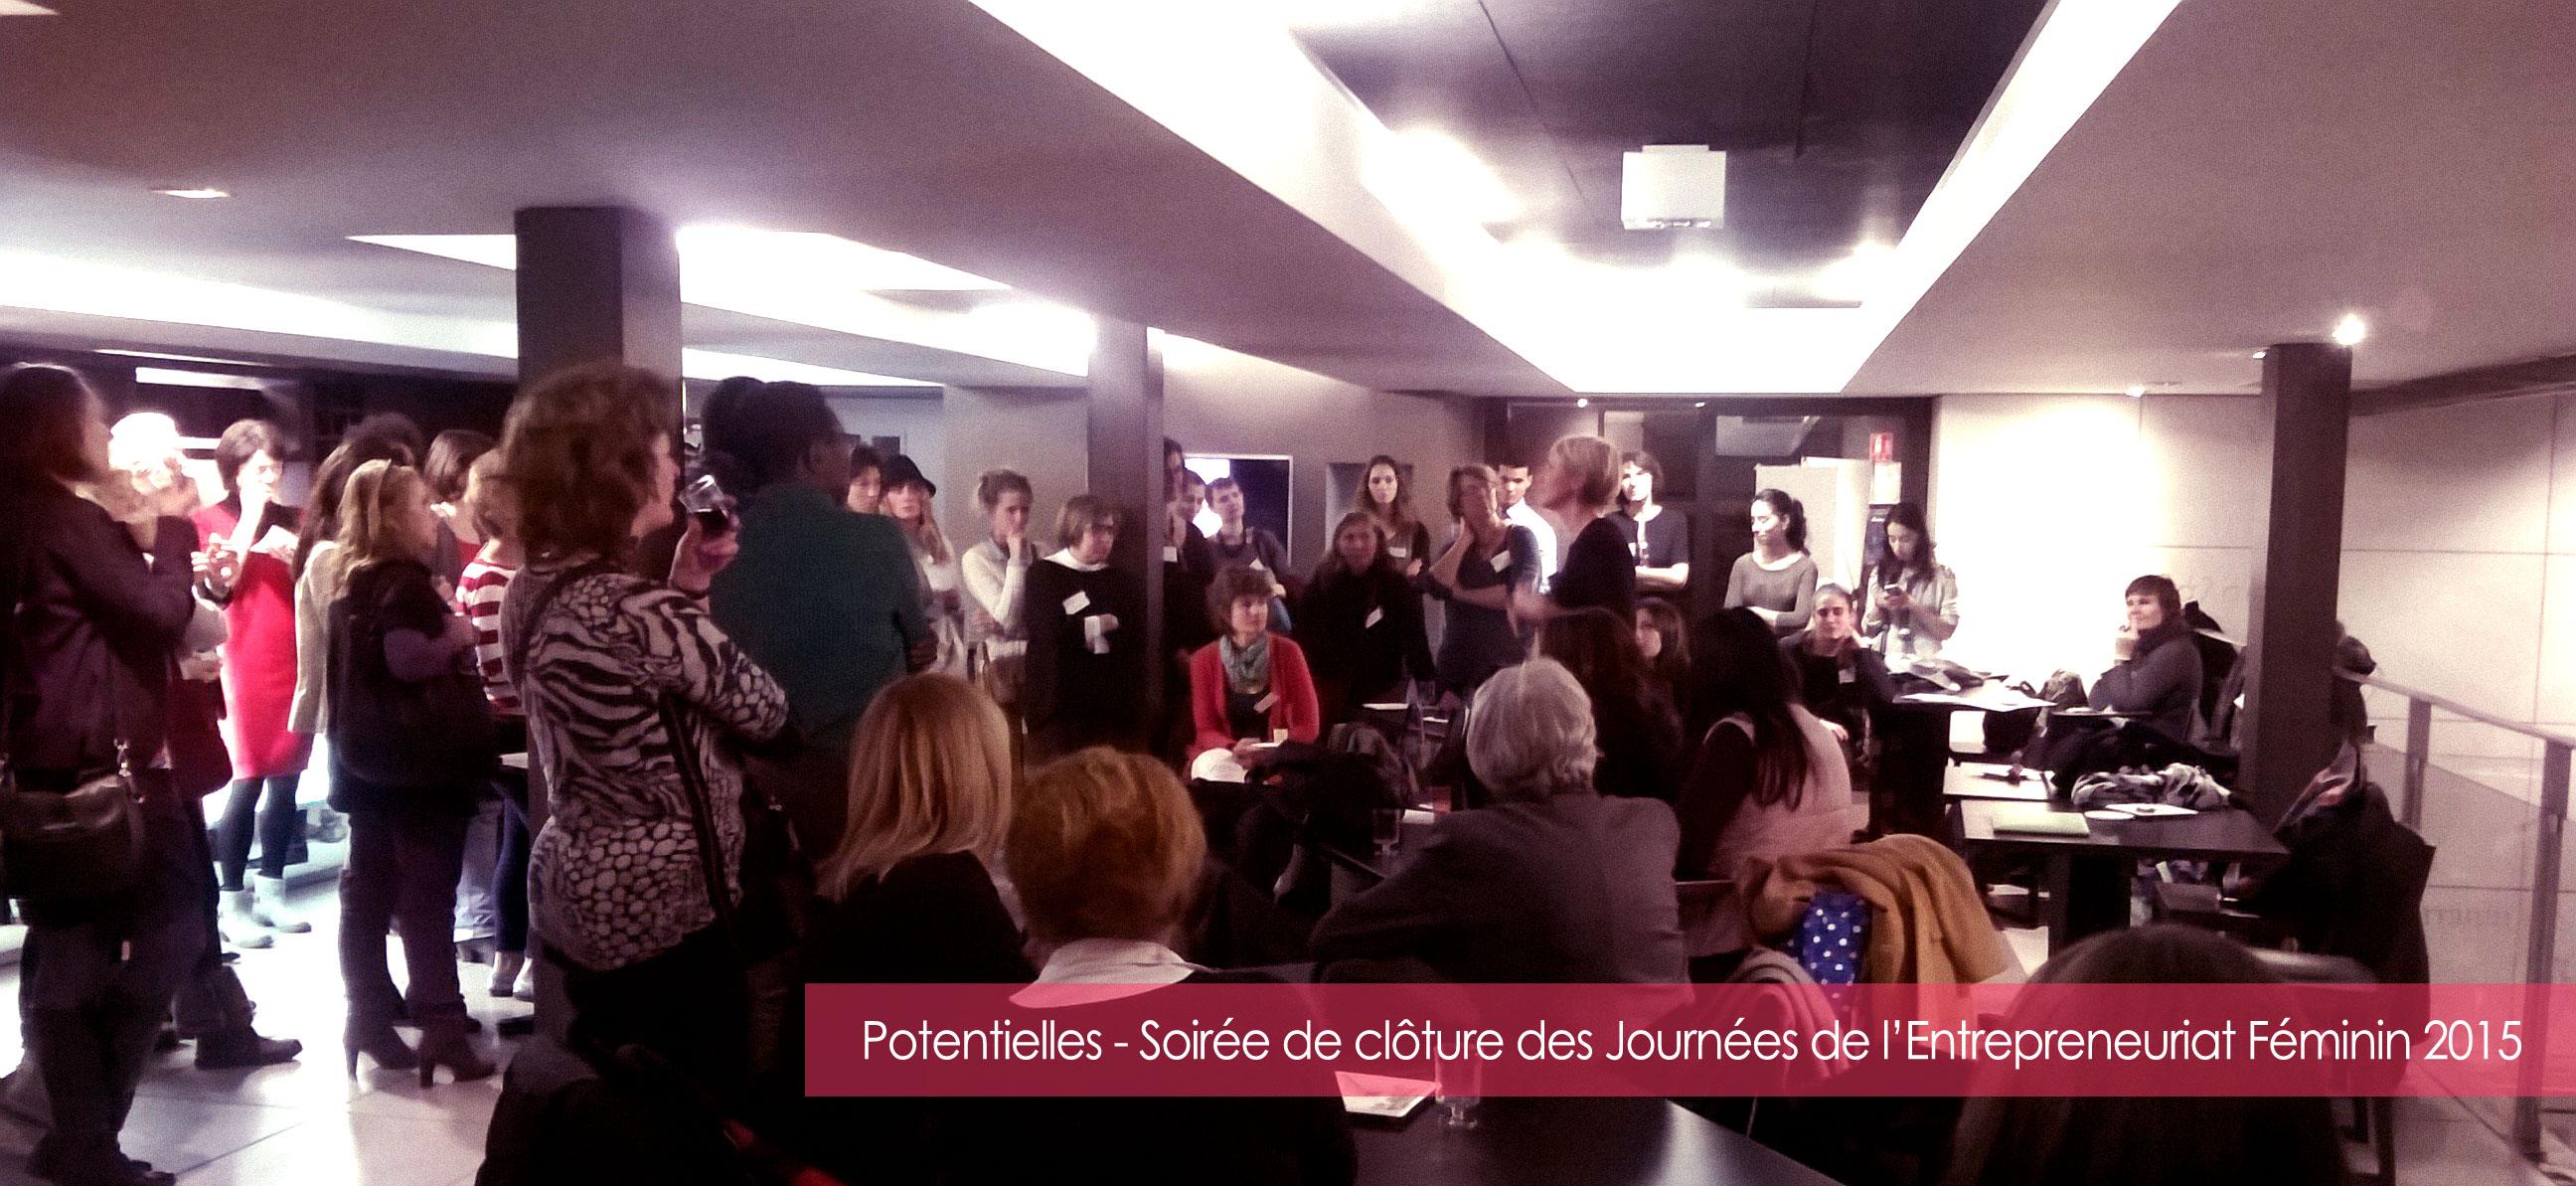 Potentielles - Cloture Journées de l'Entrepreneuriat Féminin 2015